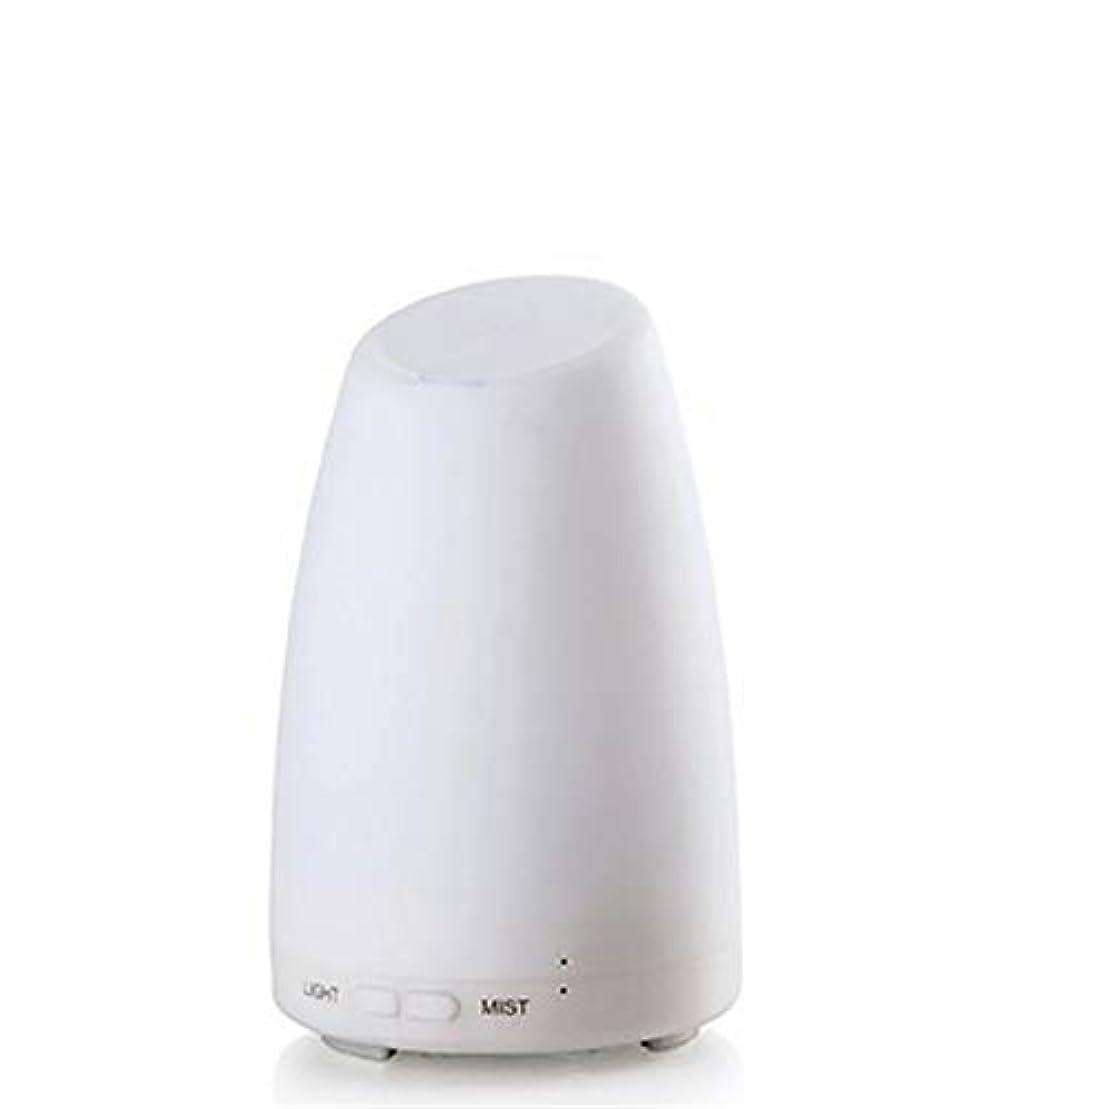 予報旅行代理店うんエッセンシャルオイルディフューザー、霧コントロール4h 使用、低水自動シャットダウン、7種類の LED ライト、家庭、オフィス、寝室、家族のベビールームとの超音波 100 ml アロマディフューザー